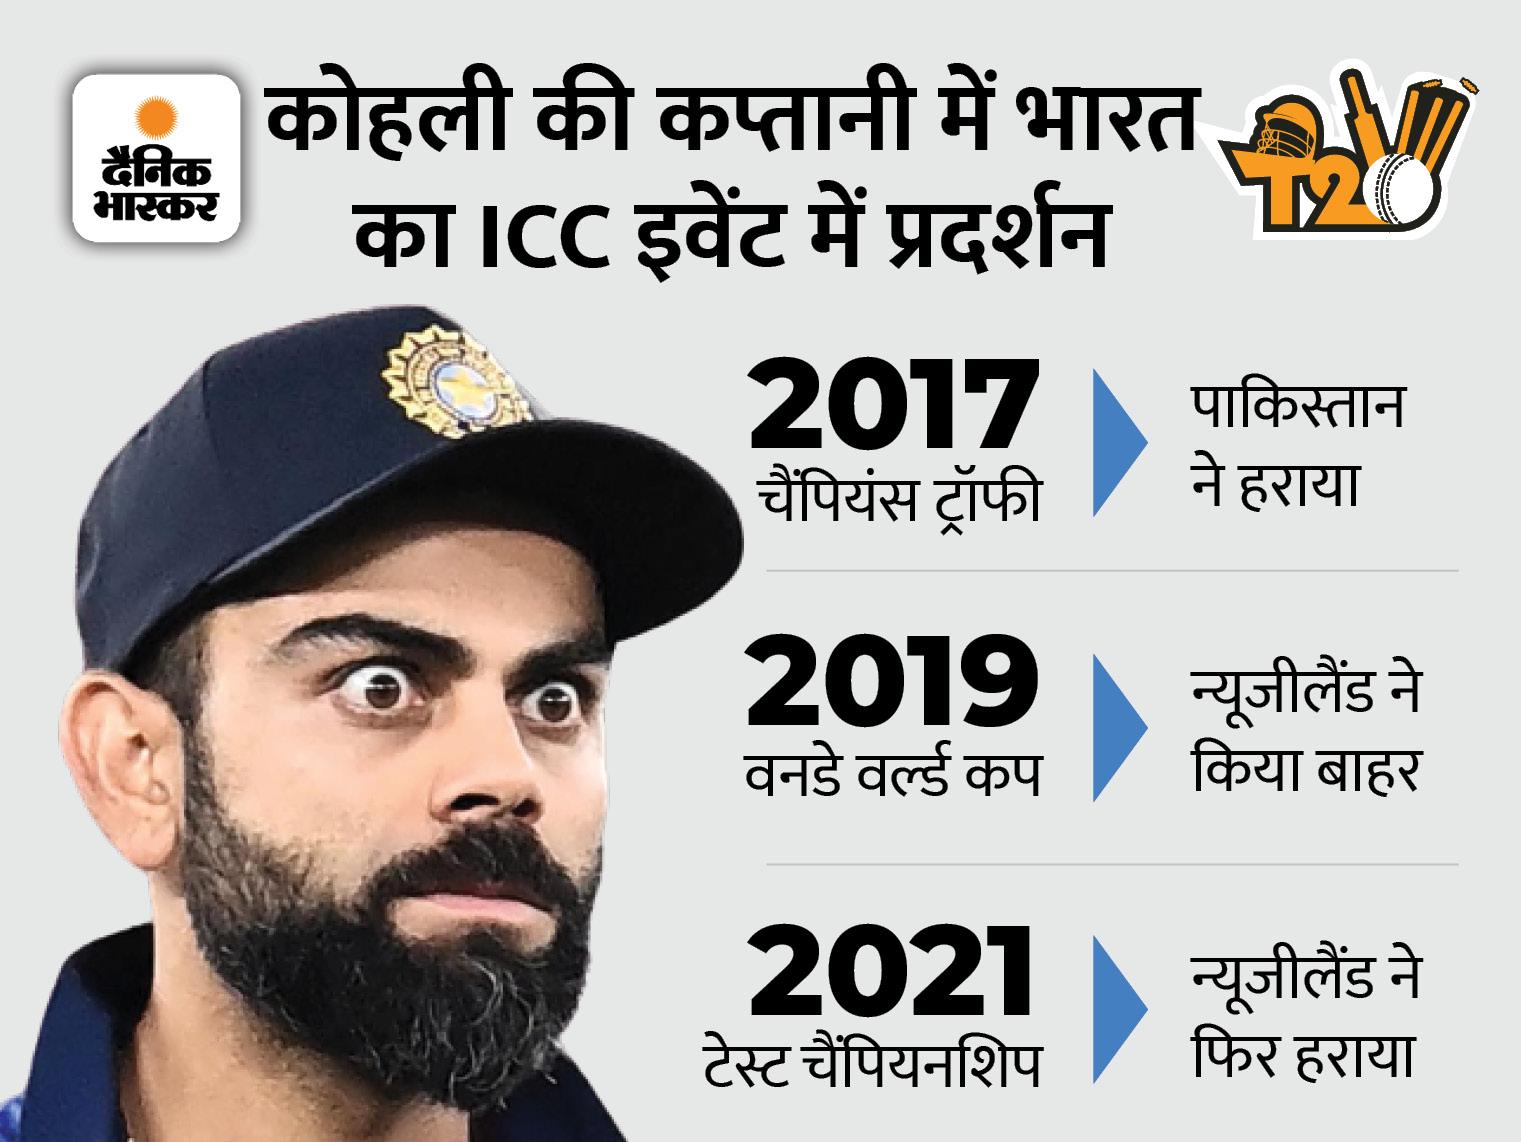 विराट की कप्तानी में हम ICC का हर इवेंट हारे, सबसे पहले पाकिस्तान ने दी शिकस्त|स्पोर्ट्स,Sports - Dainik Bhaskar